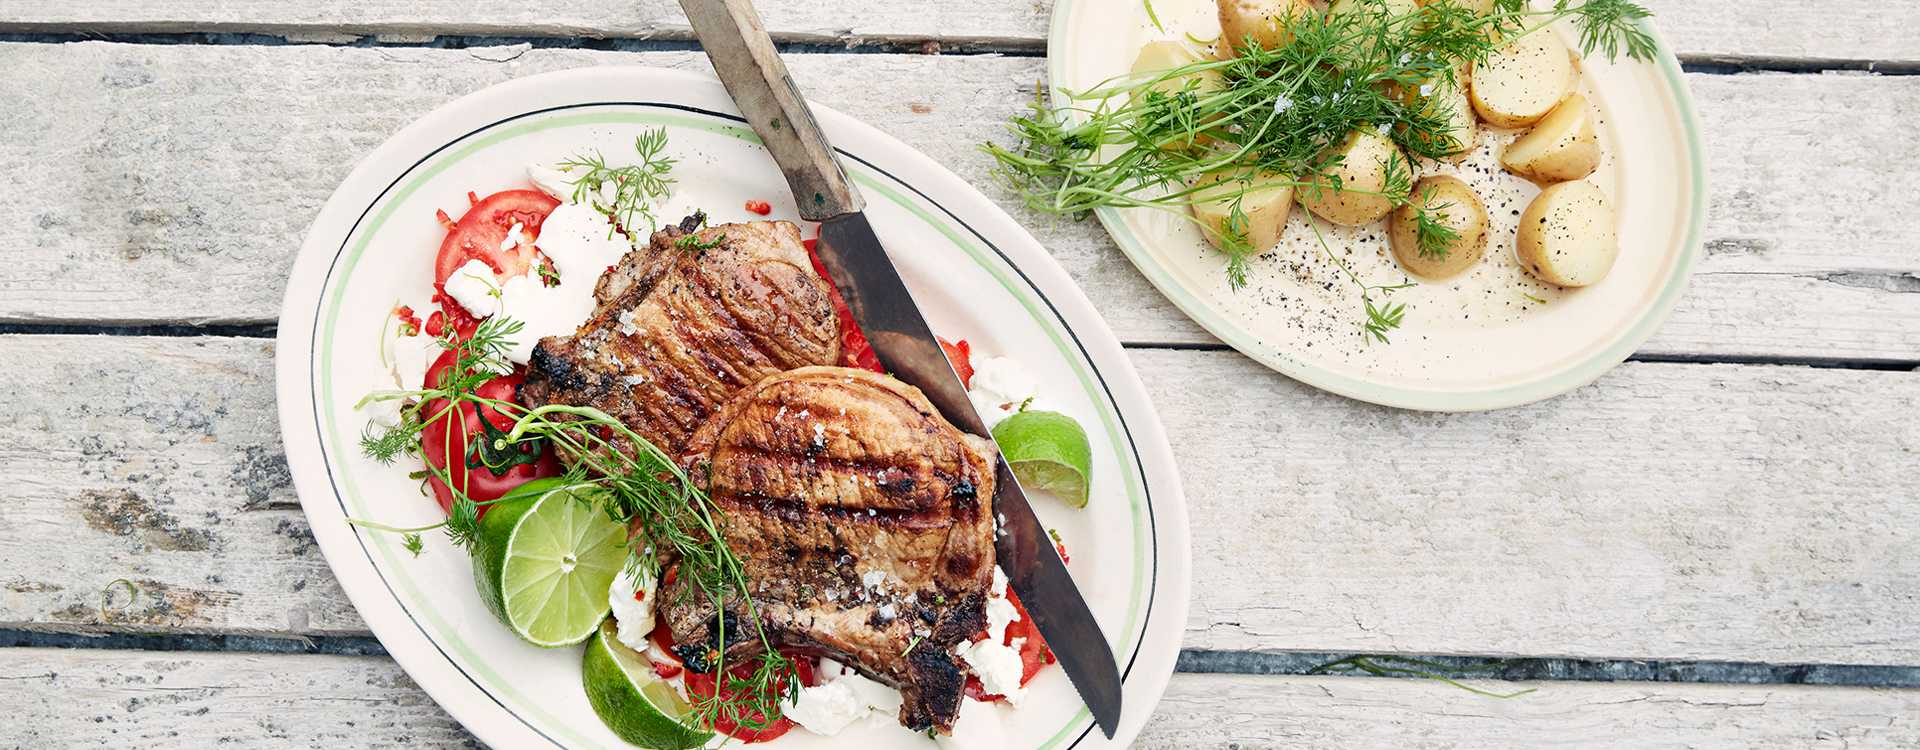 Grillede svinekoteletter med tomat- og fetaostsalat og dillkokte poteter